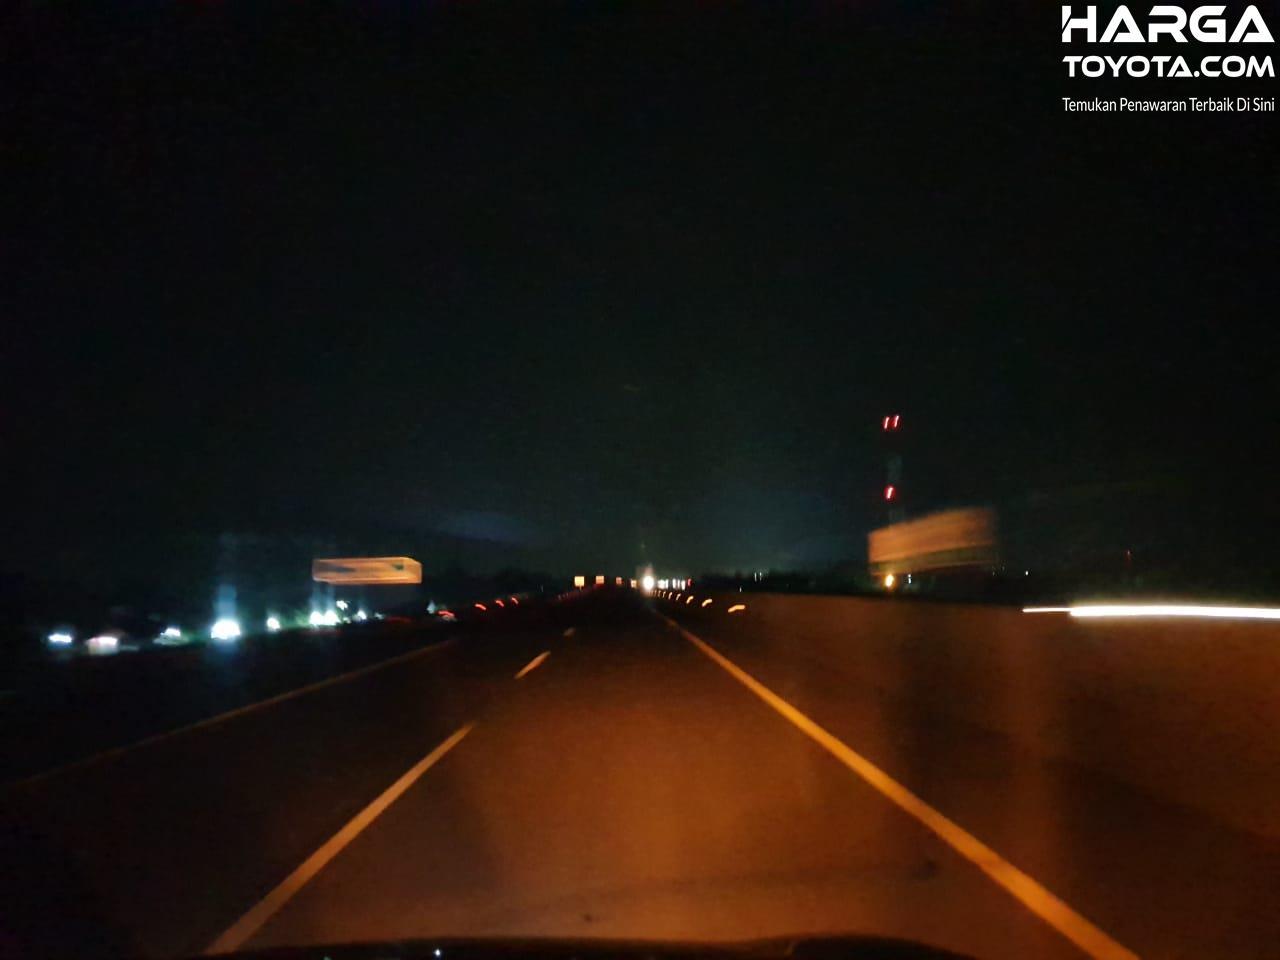 Lampu mobil mati di malam hari